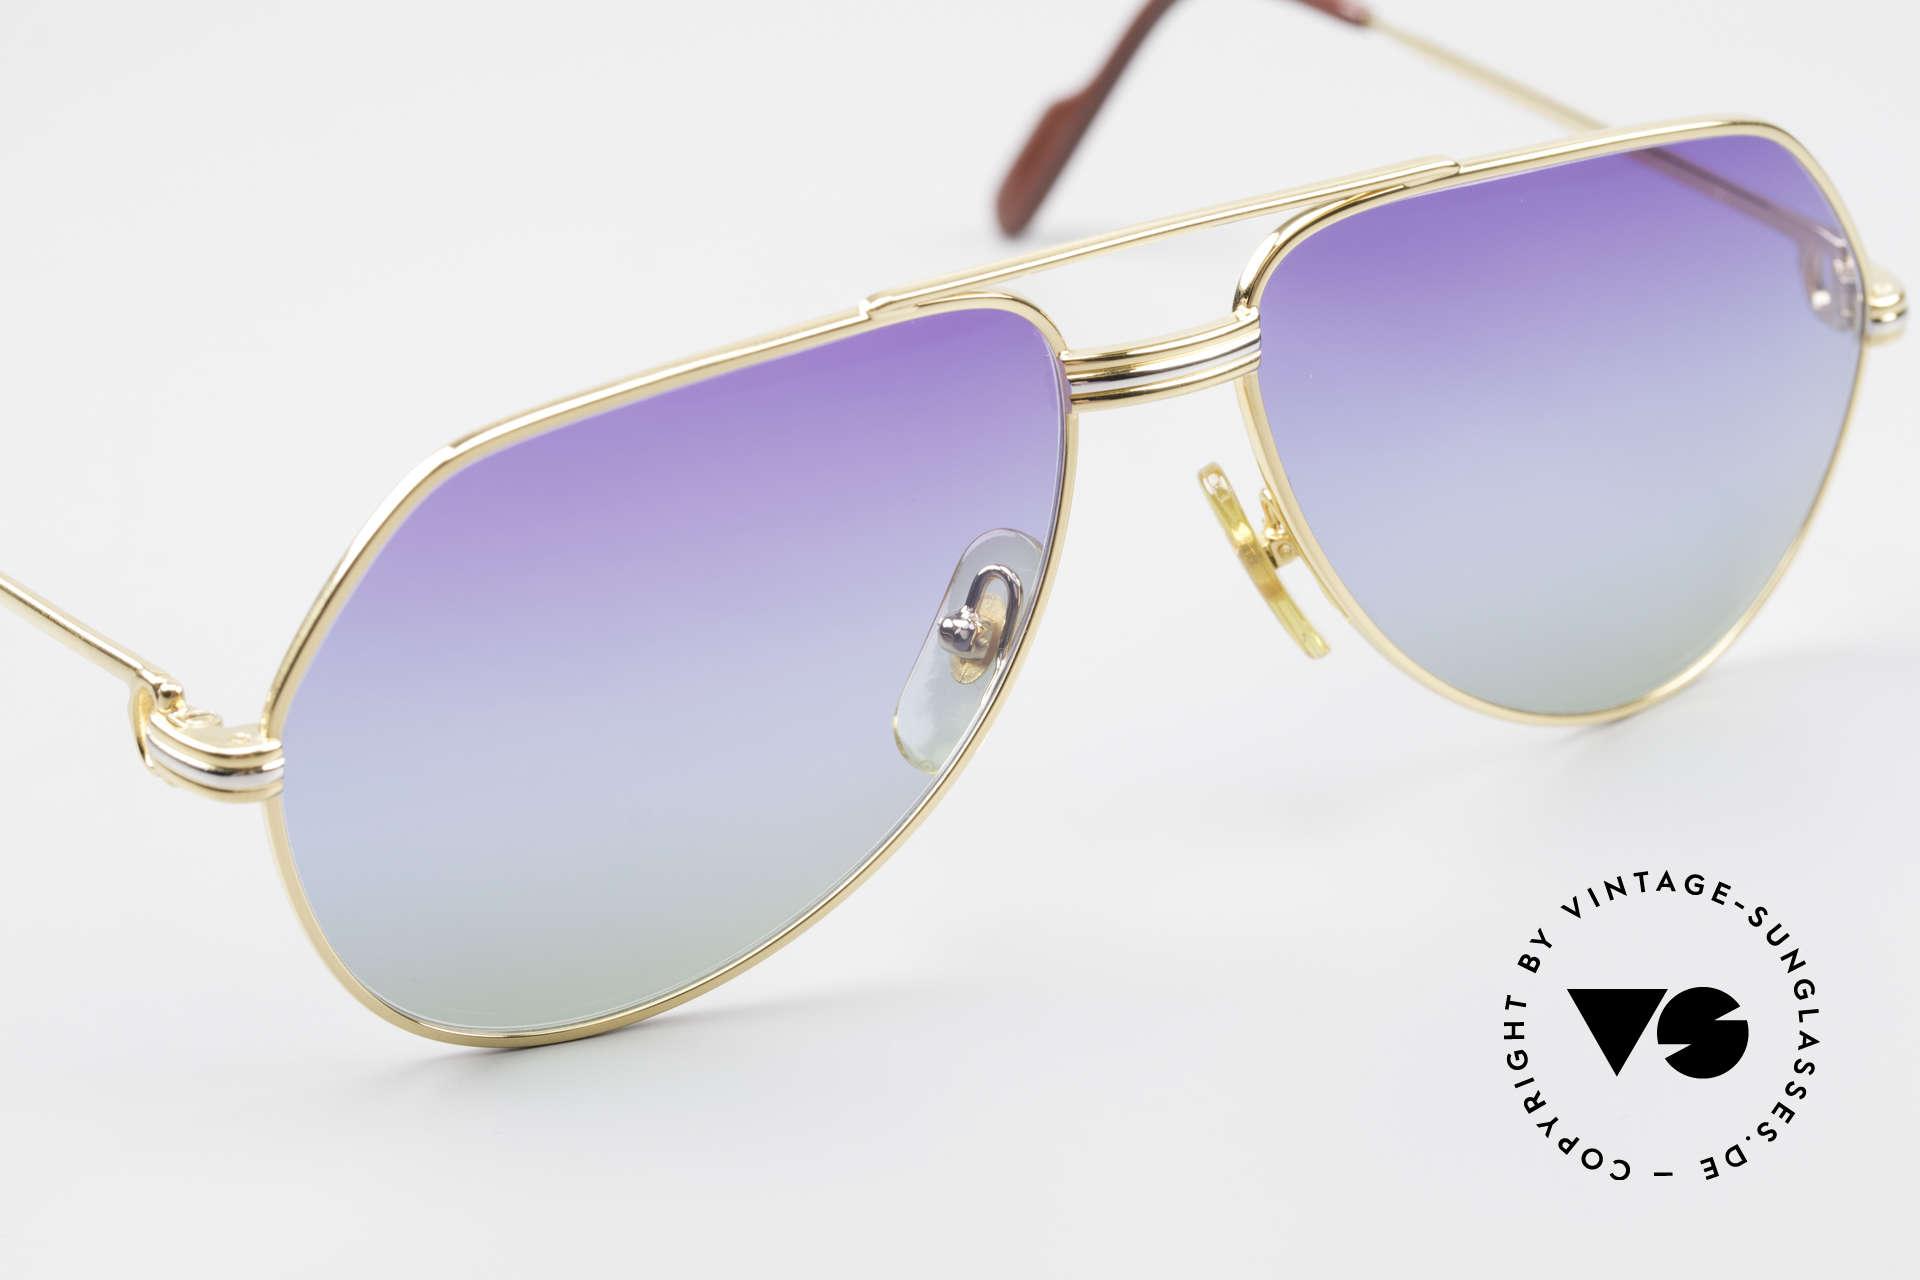 Cartier Vendome LC - S 80er Sonnenbrille Polarlicht, 2nd hand im neuwertigen Zustand und mit Cartier Box, Passend für Herren und Damen